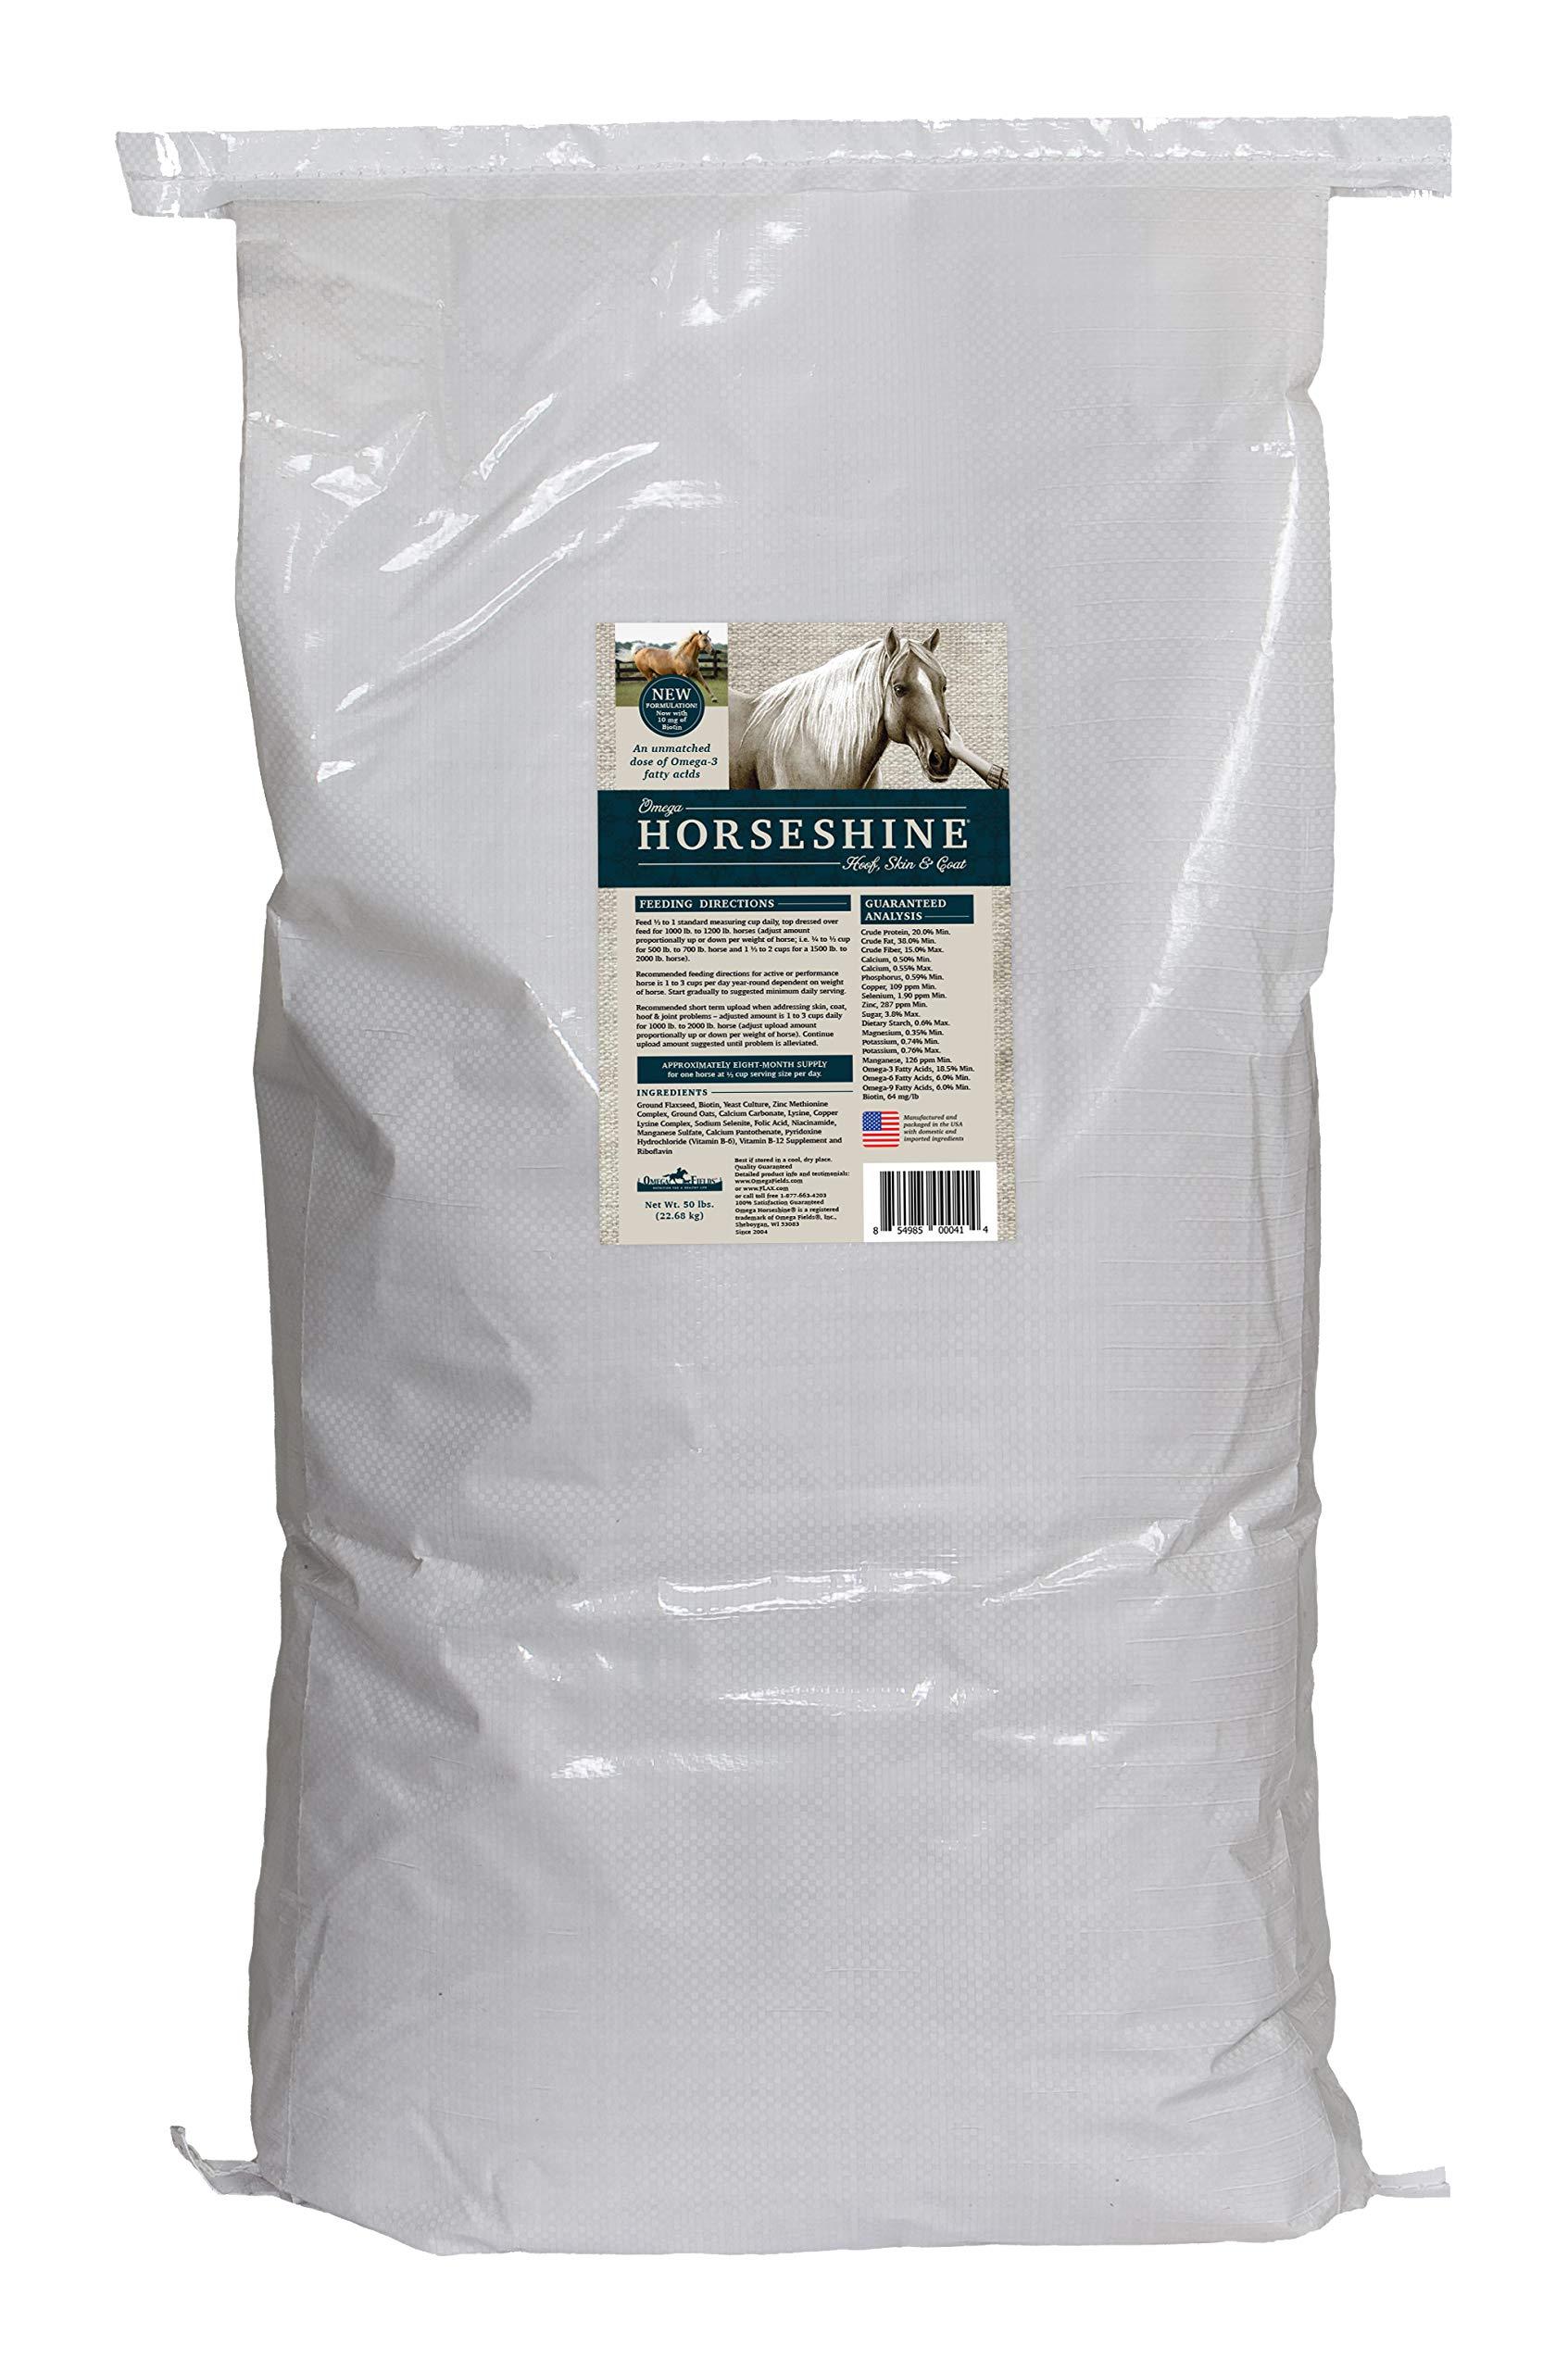 Omega Horseshine 3 Supplement, 50 lb by Omega Horseshine (Image #1)